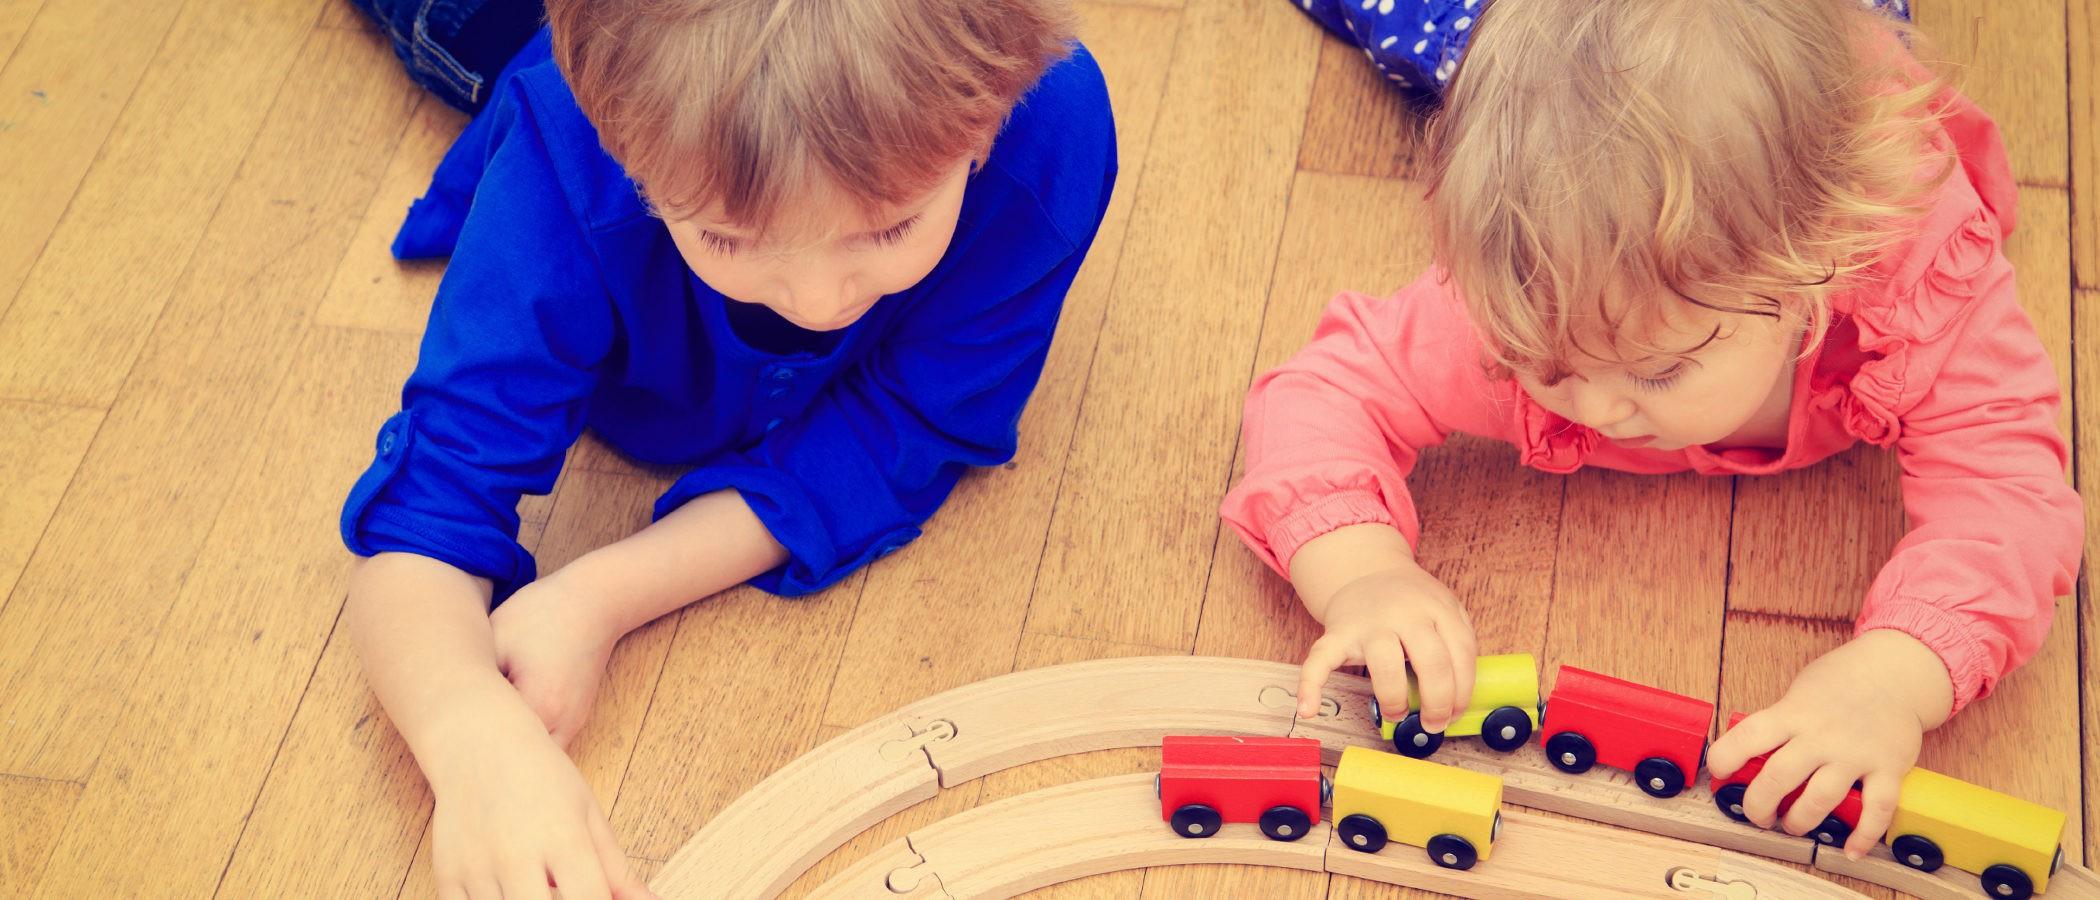 Cómo enseñar a los niños a recoger los juguetes